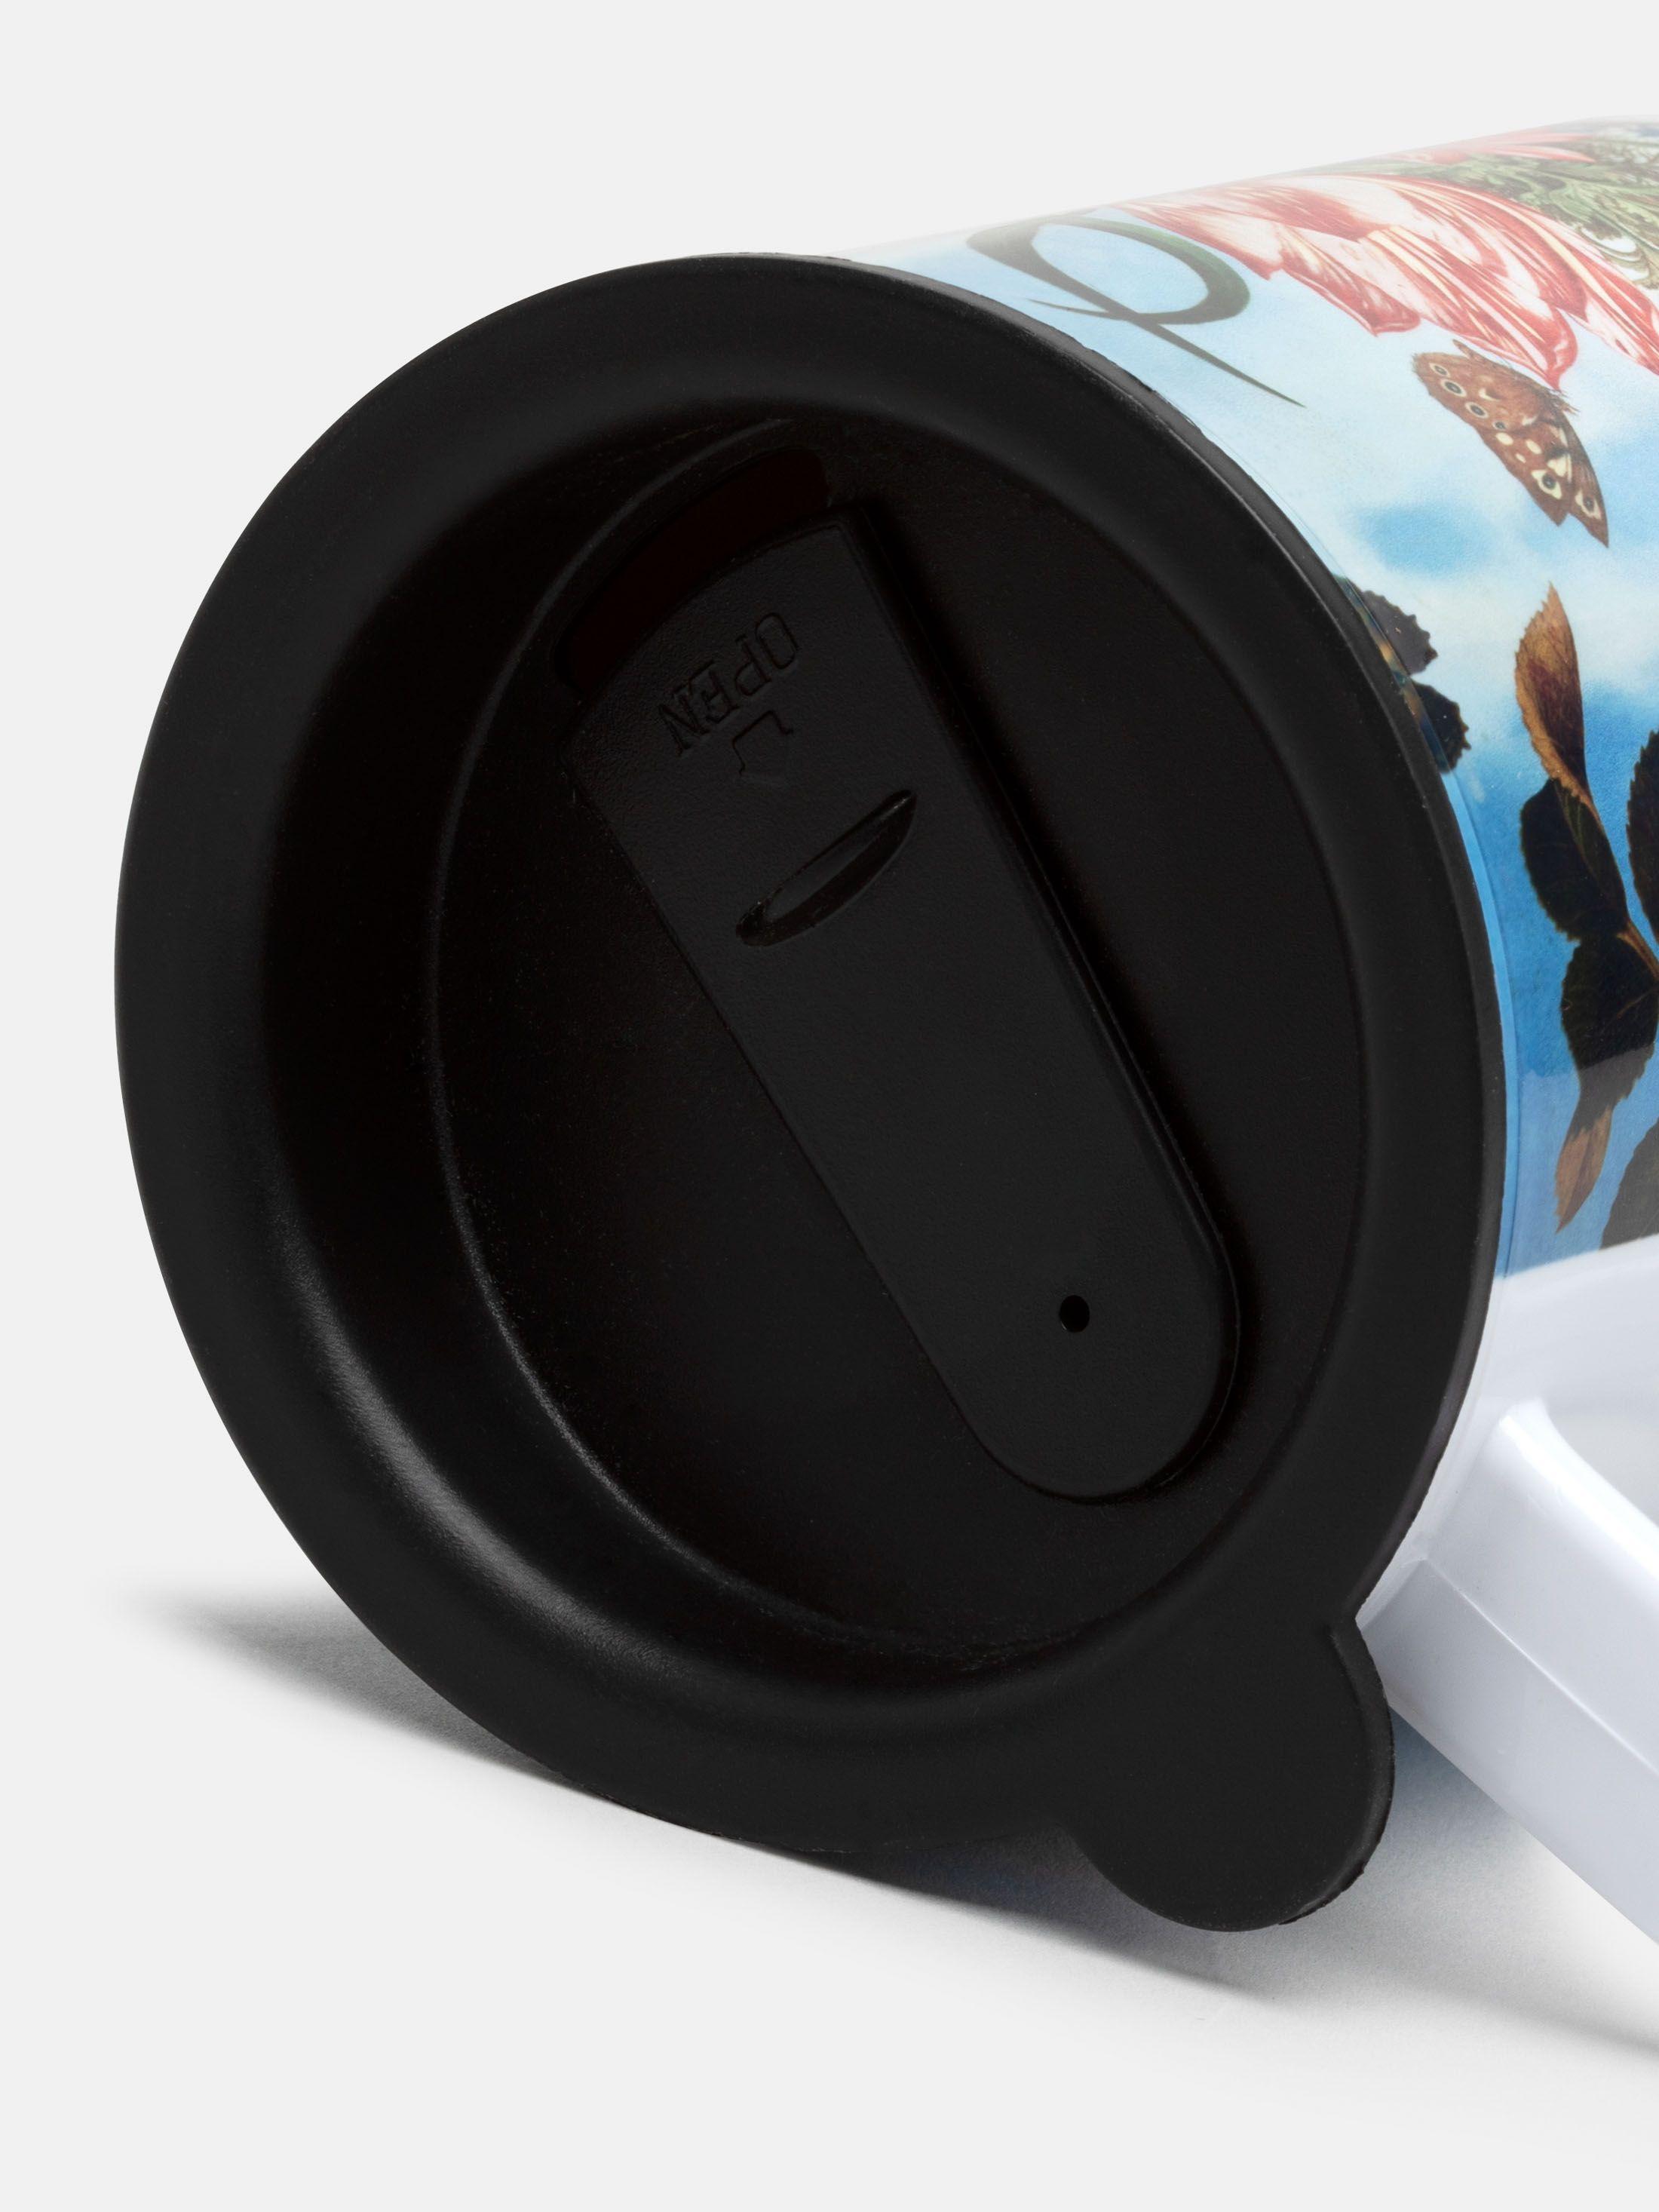 Printed Mug travel mug lid